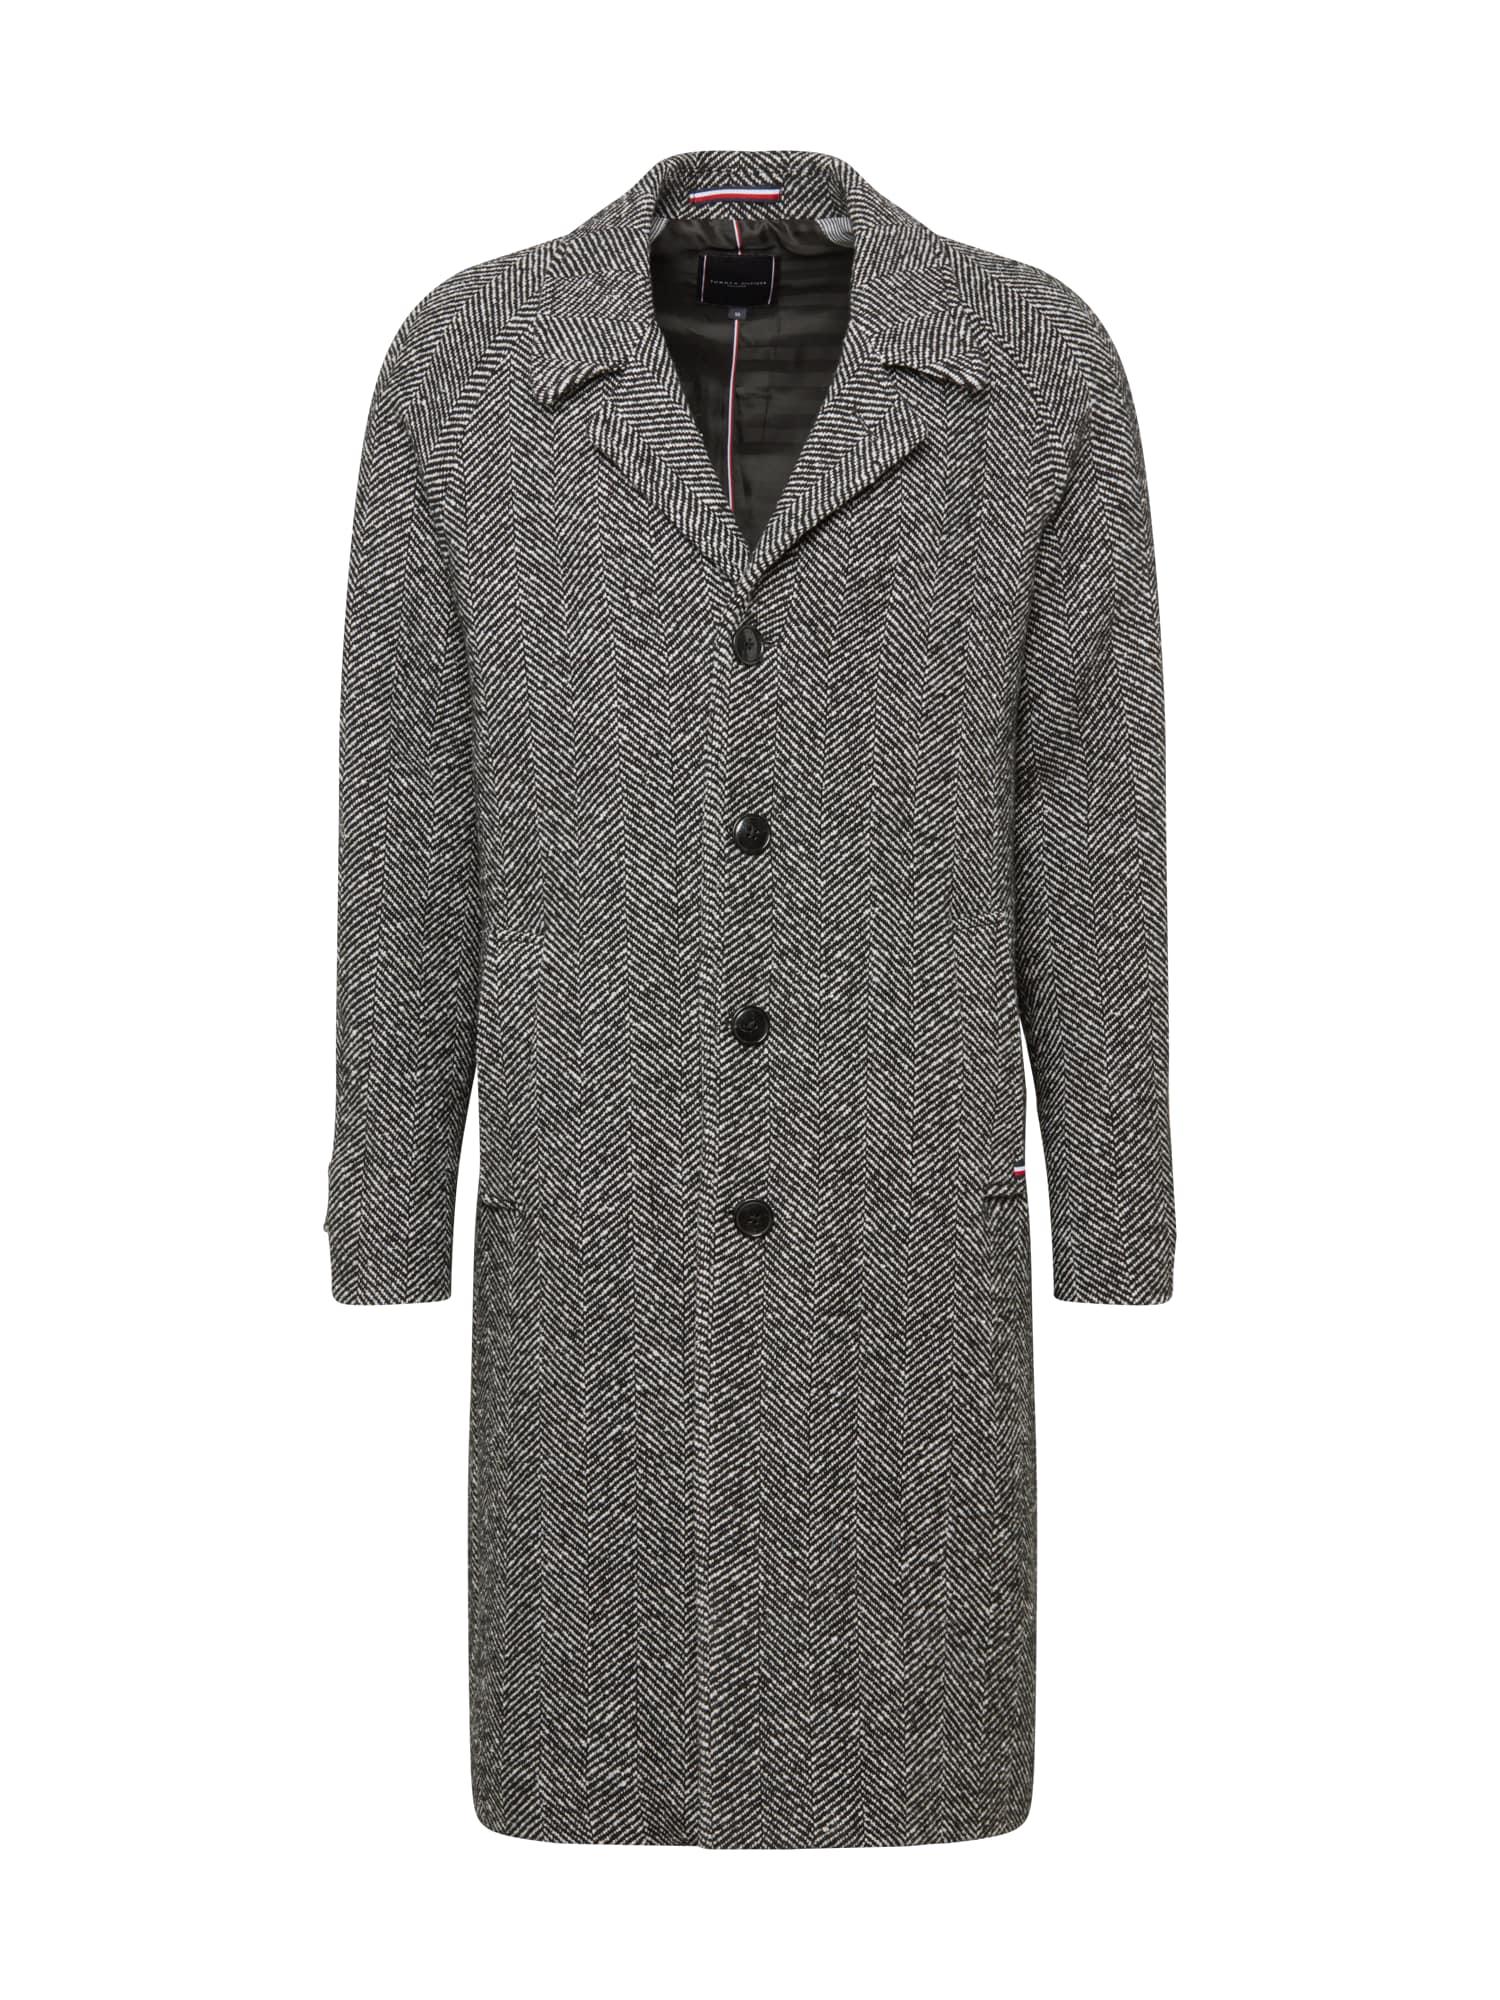 Tommy Hilfiger Tailored Přechodný kabát 'HERRINGBONE'  šedá / černá